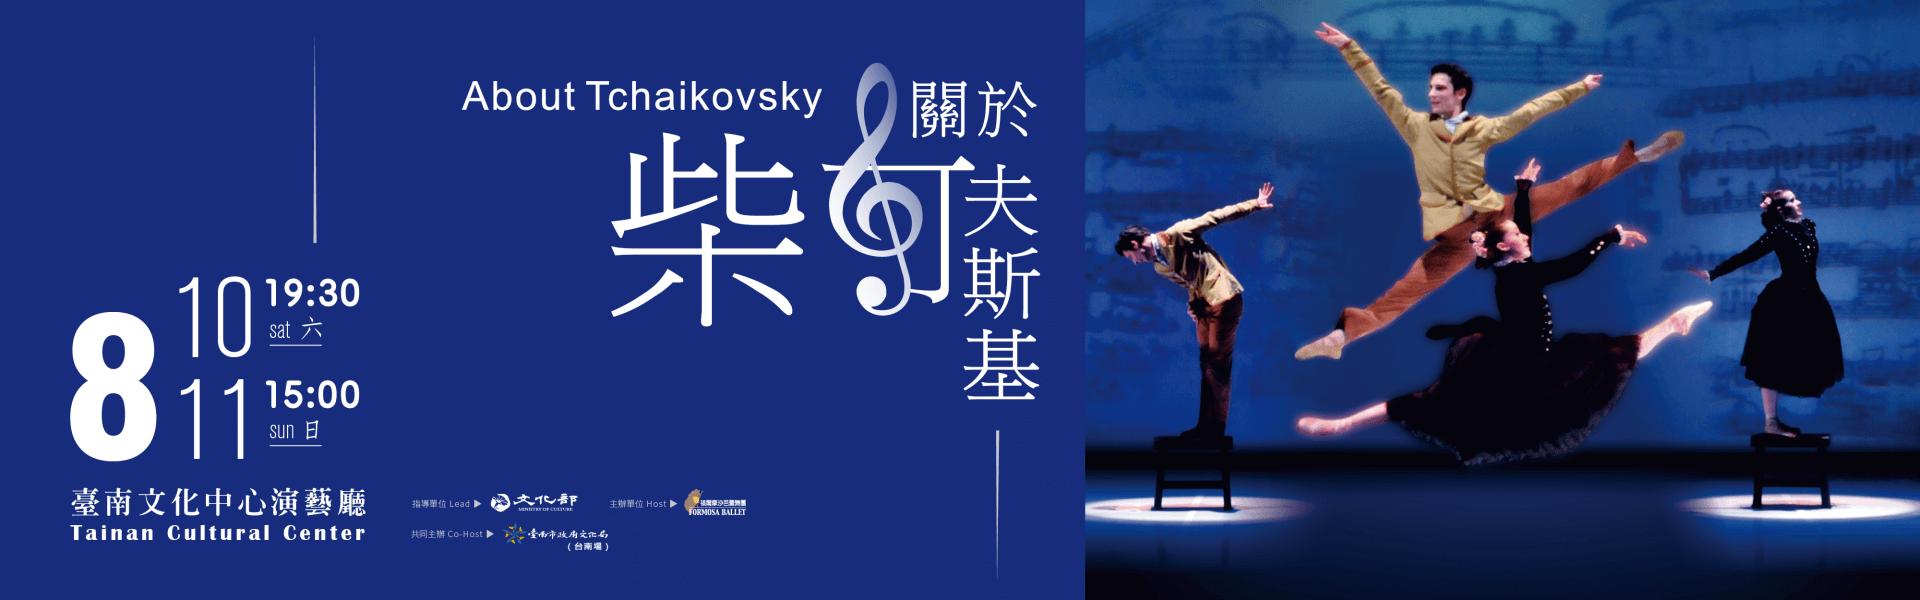 柴可夫斯基的音樂人生